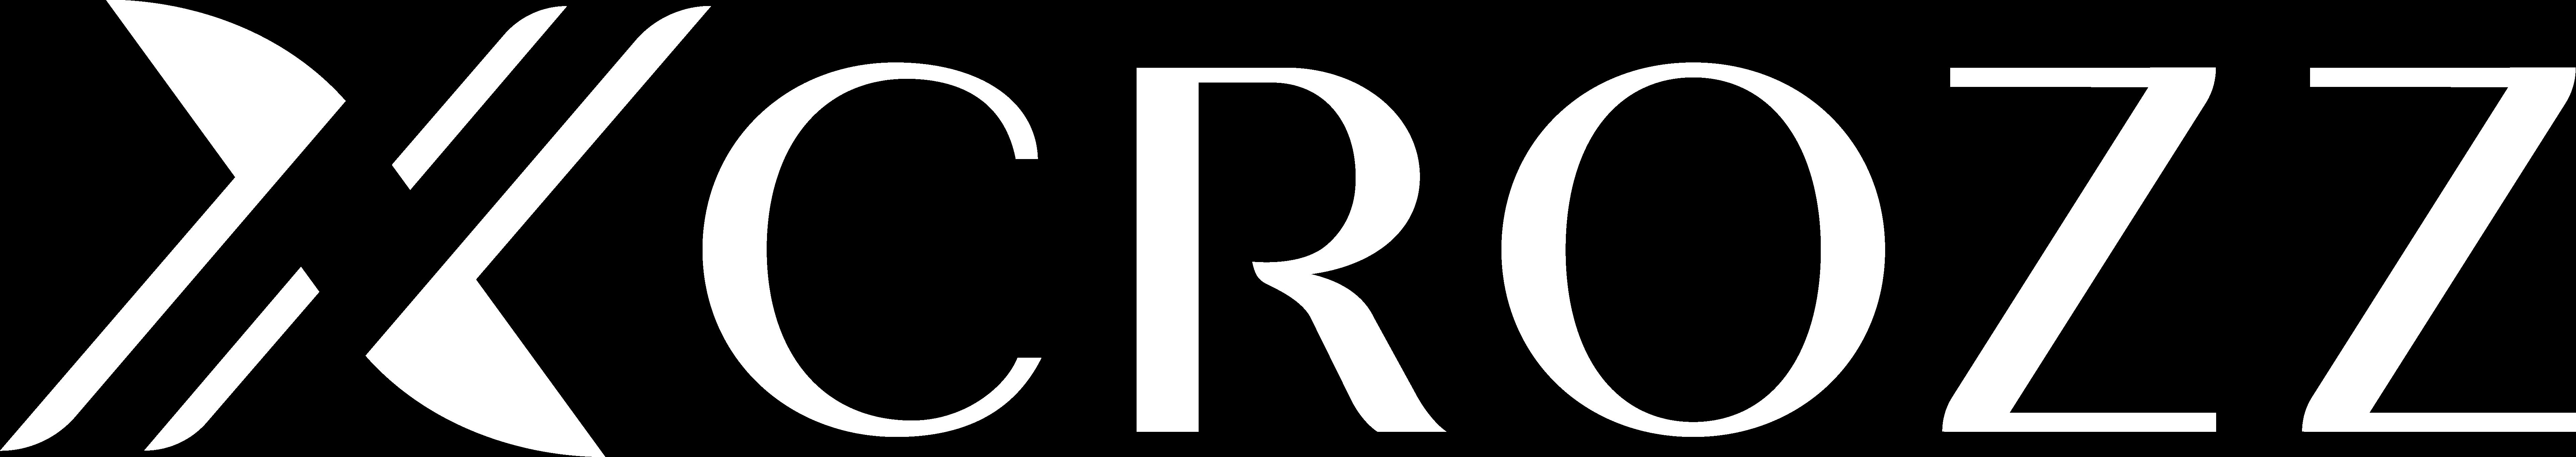 logotyp vit